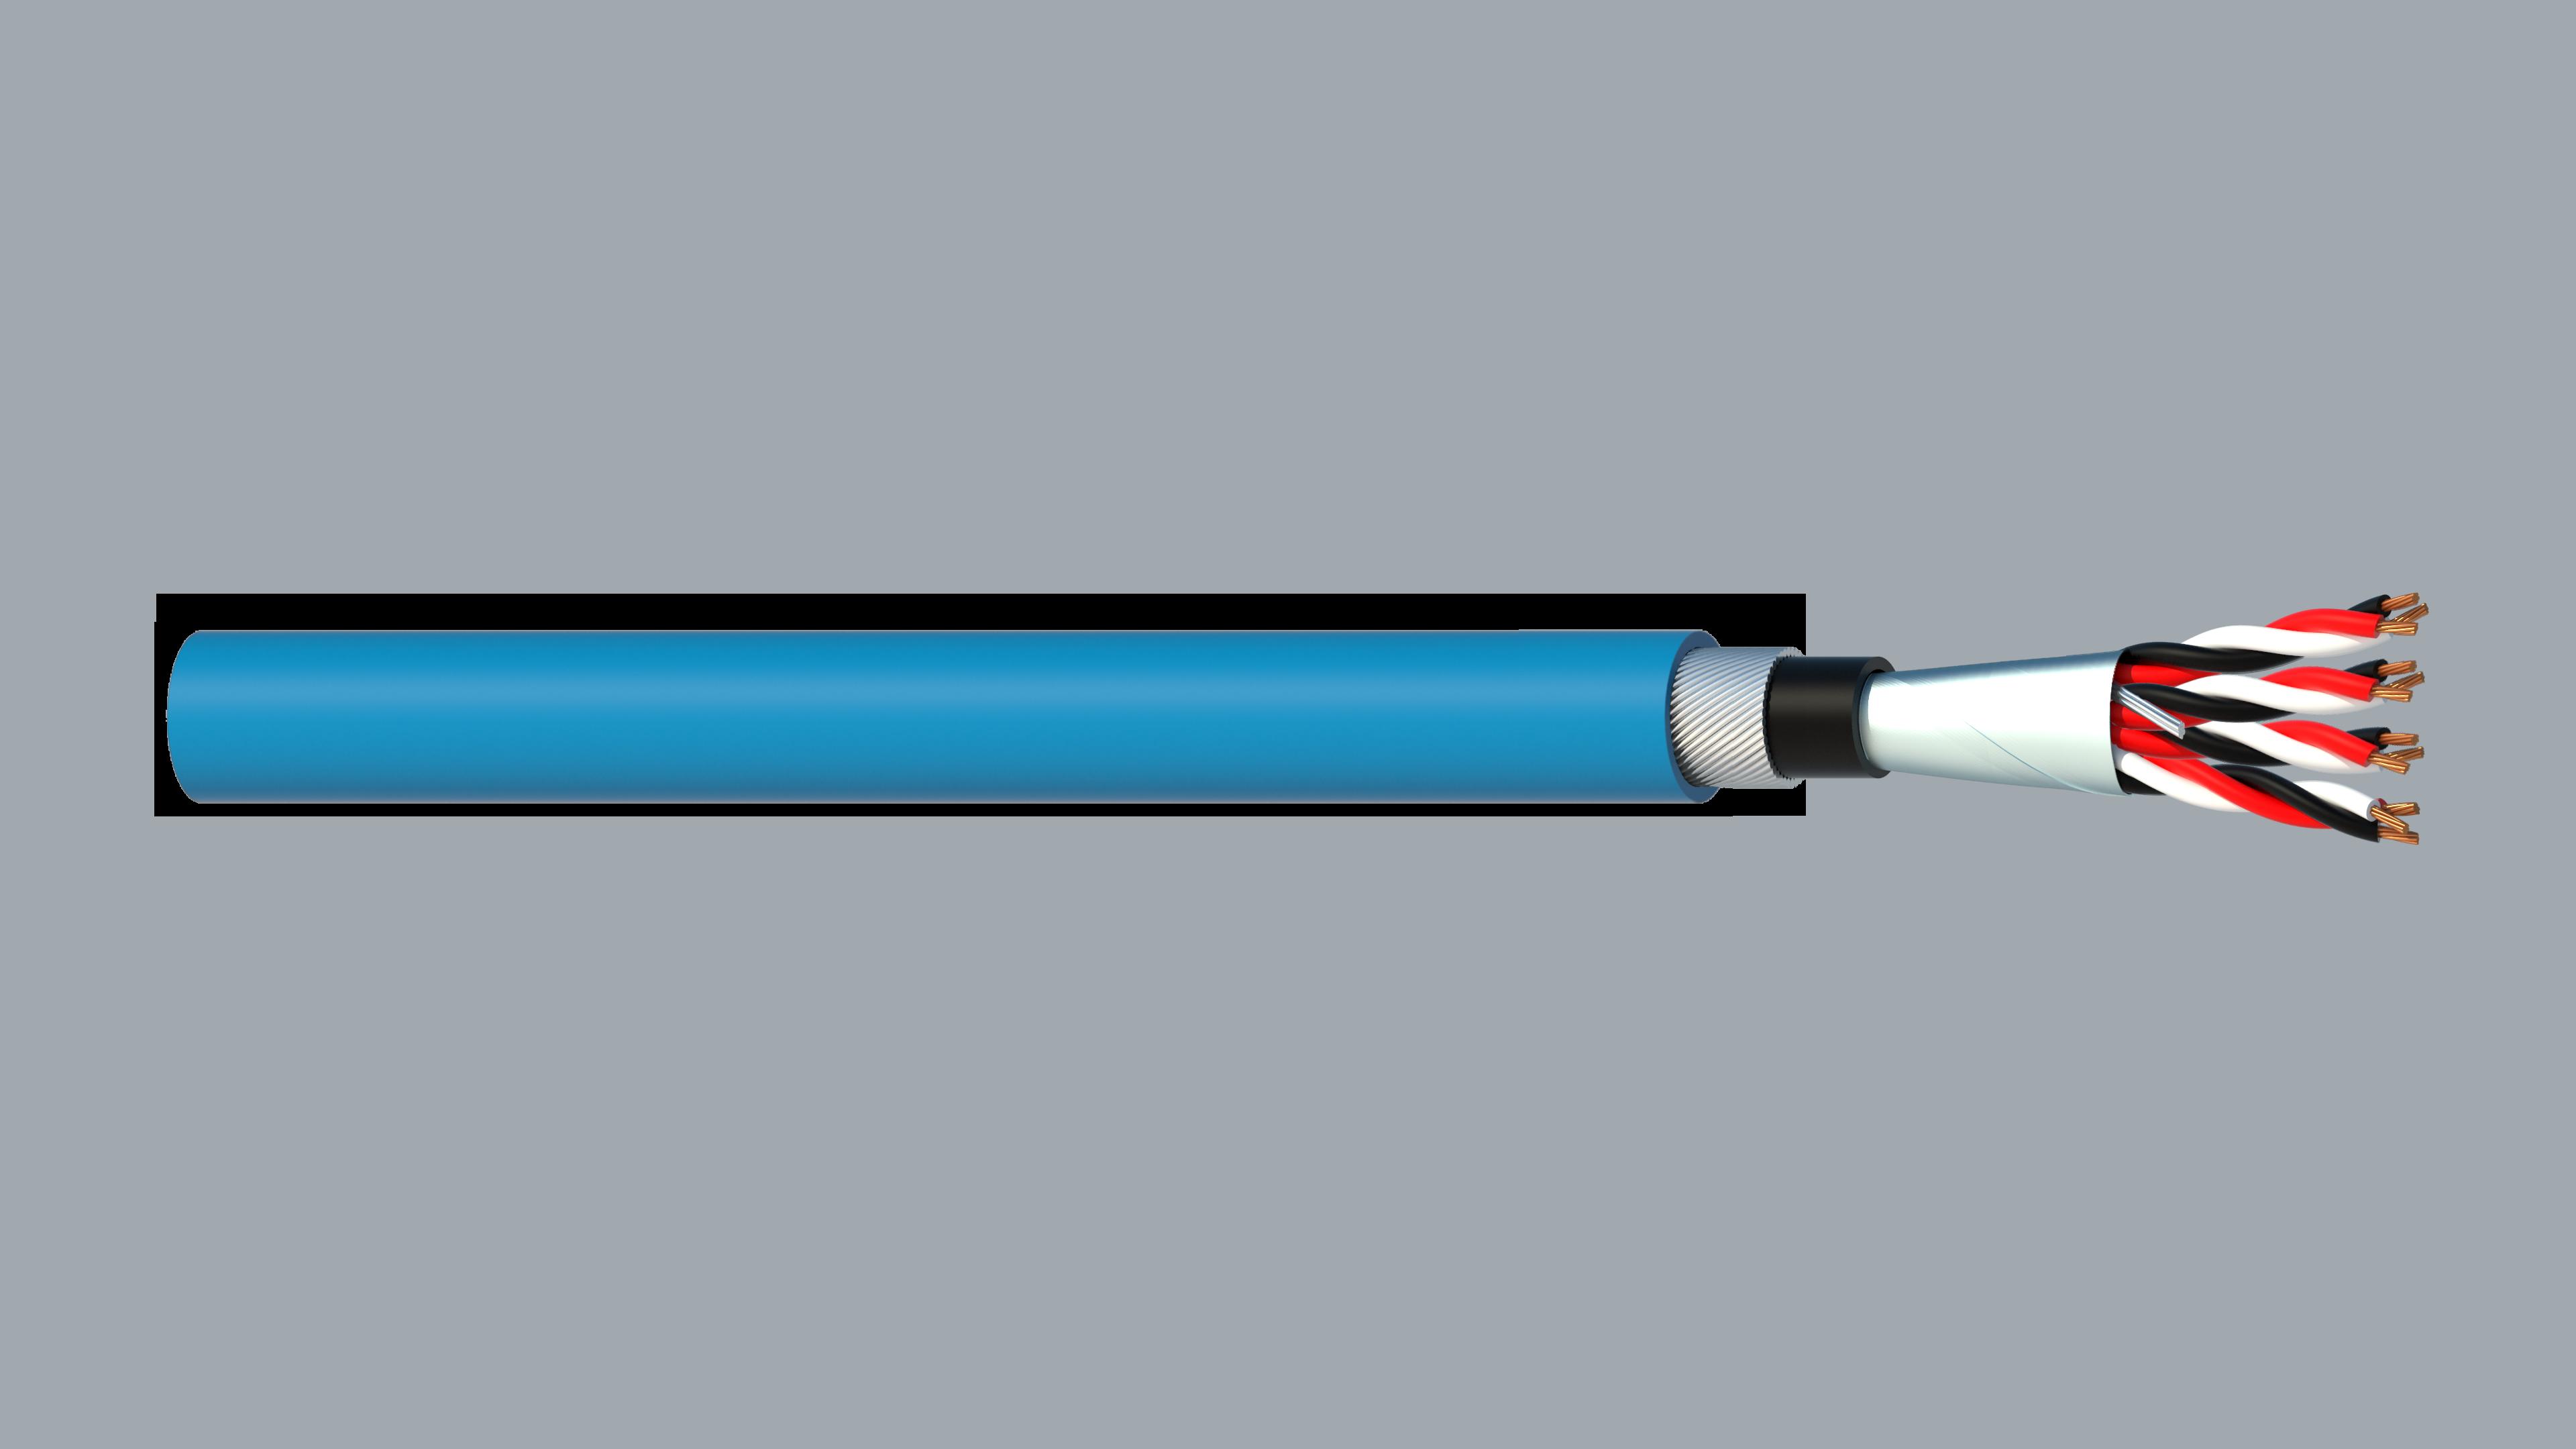 4 Triad 1.5mm2 Cu/PVC/OS/PVC/SWA/PVC Maser Instrumentation Cable - Blue Sheath